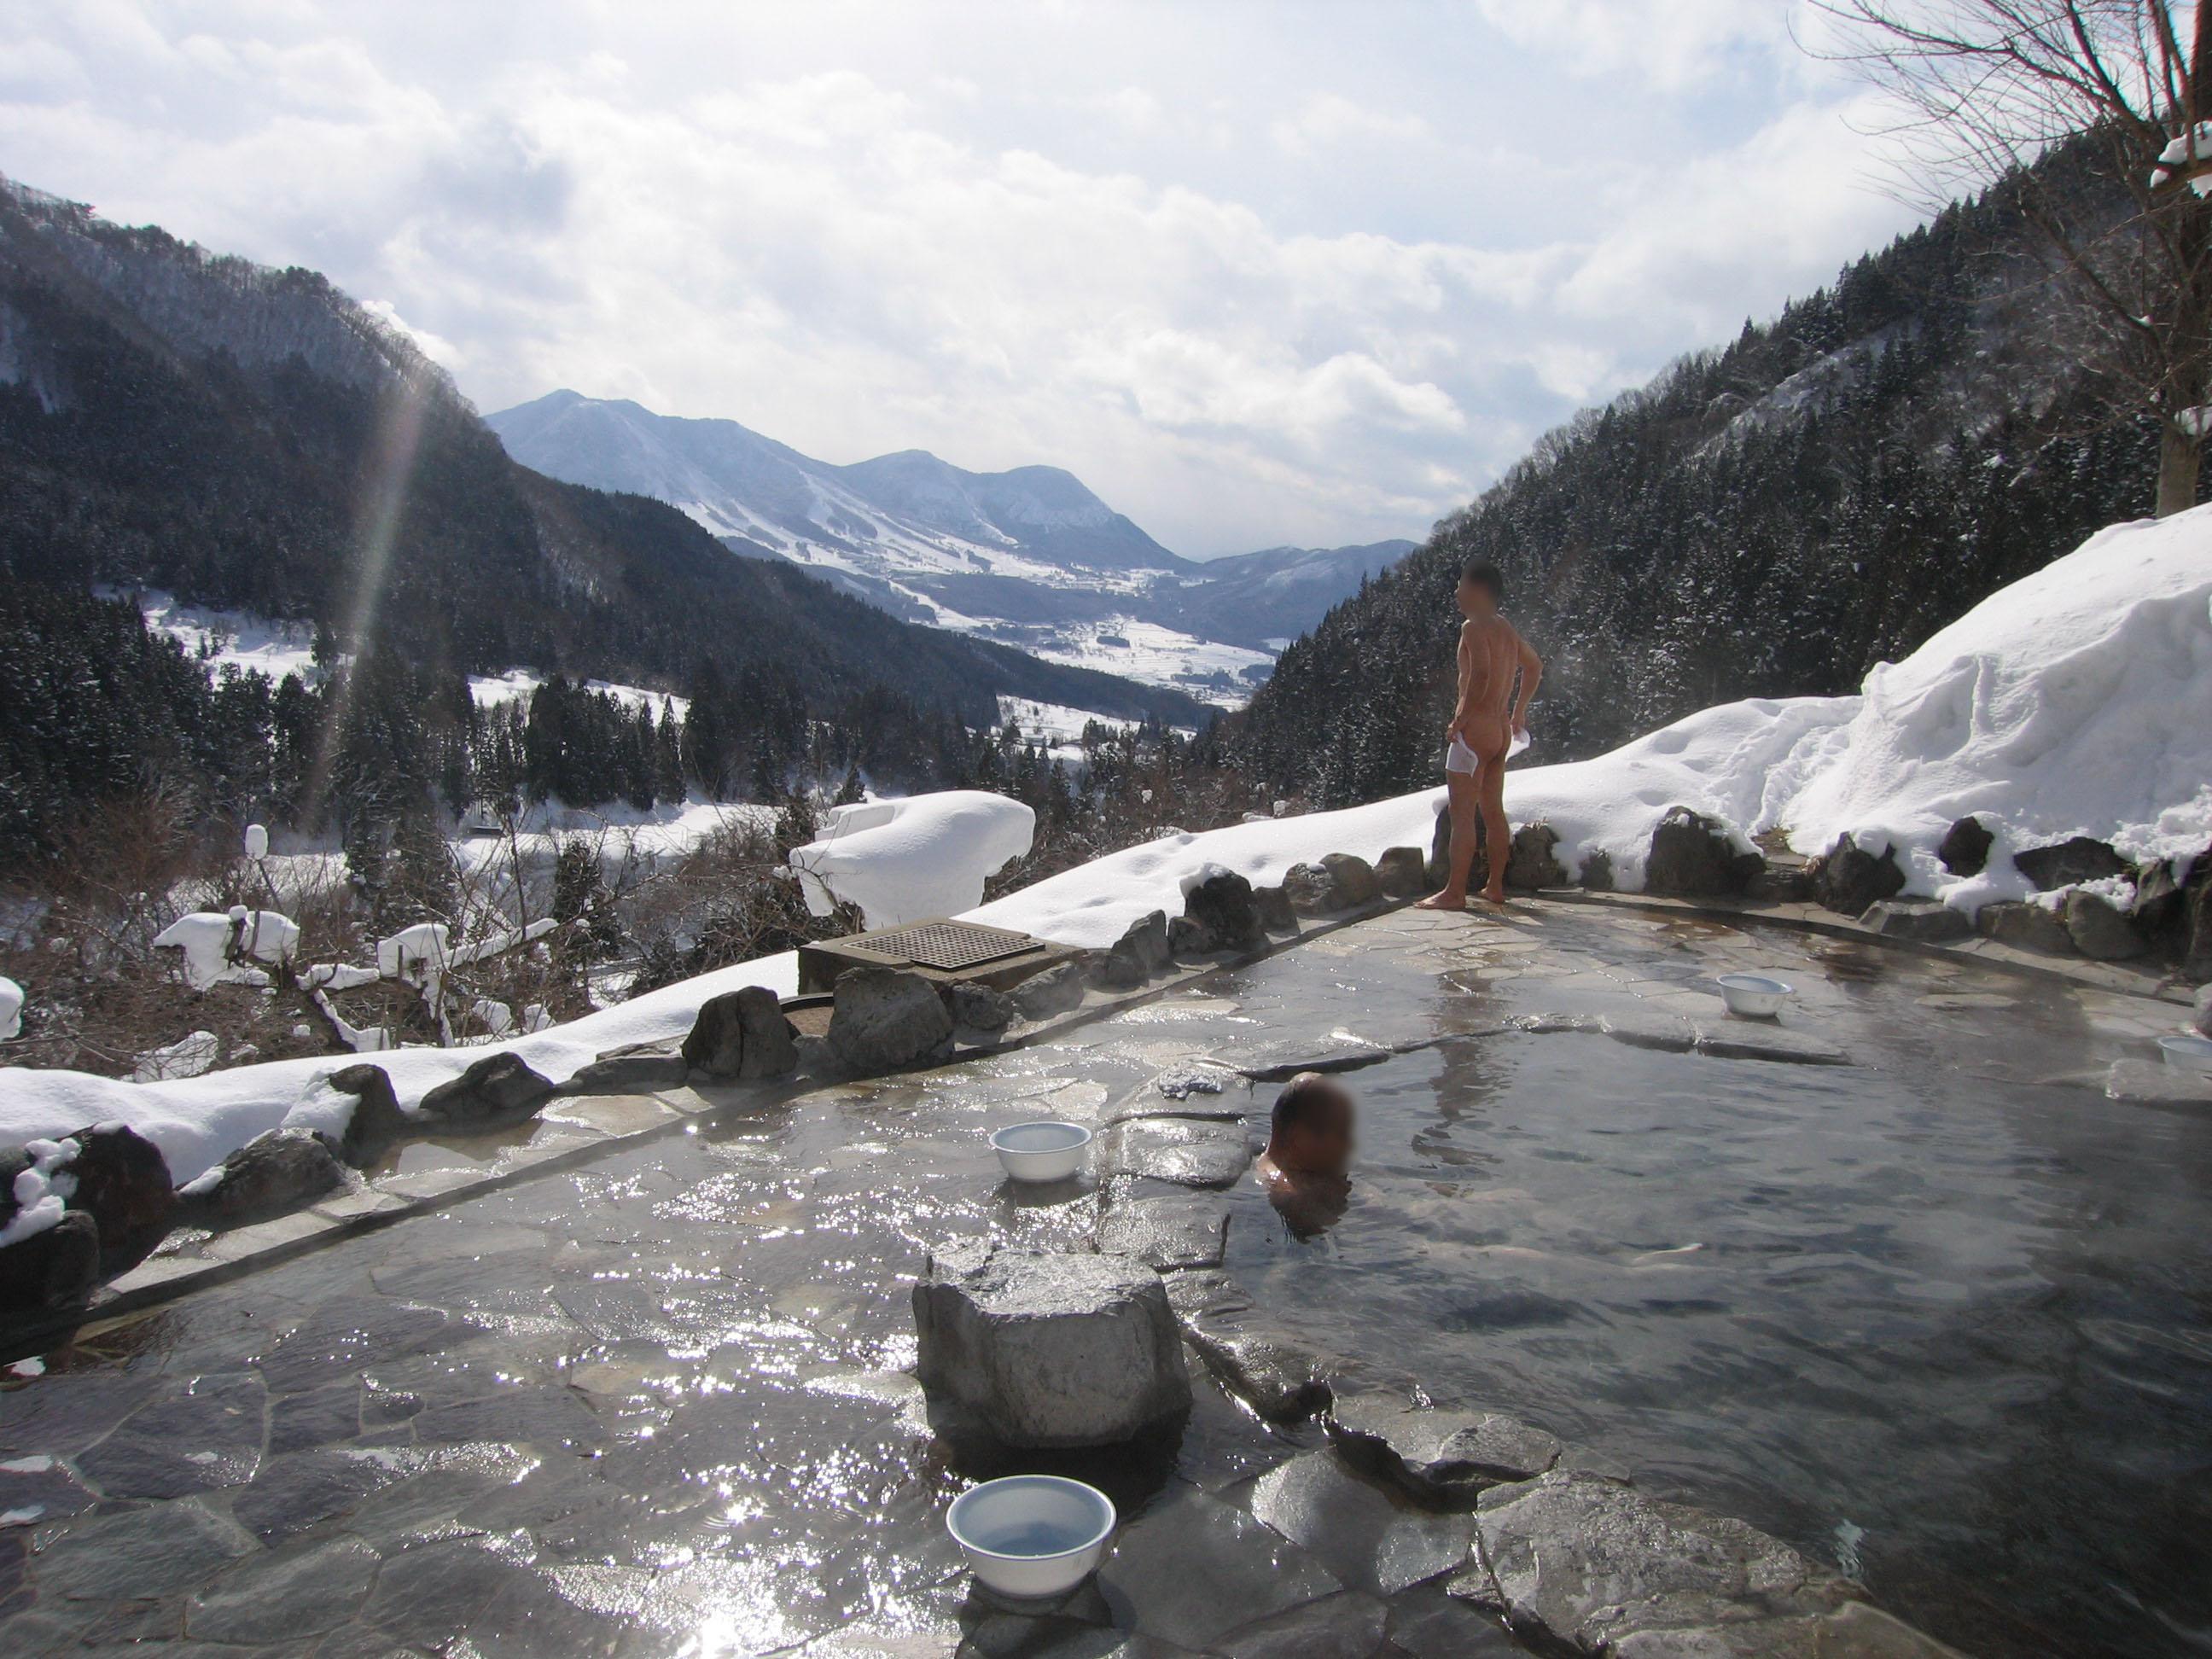 Baños Termales Japon:Onsen Japan